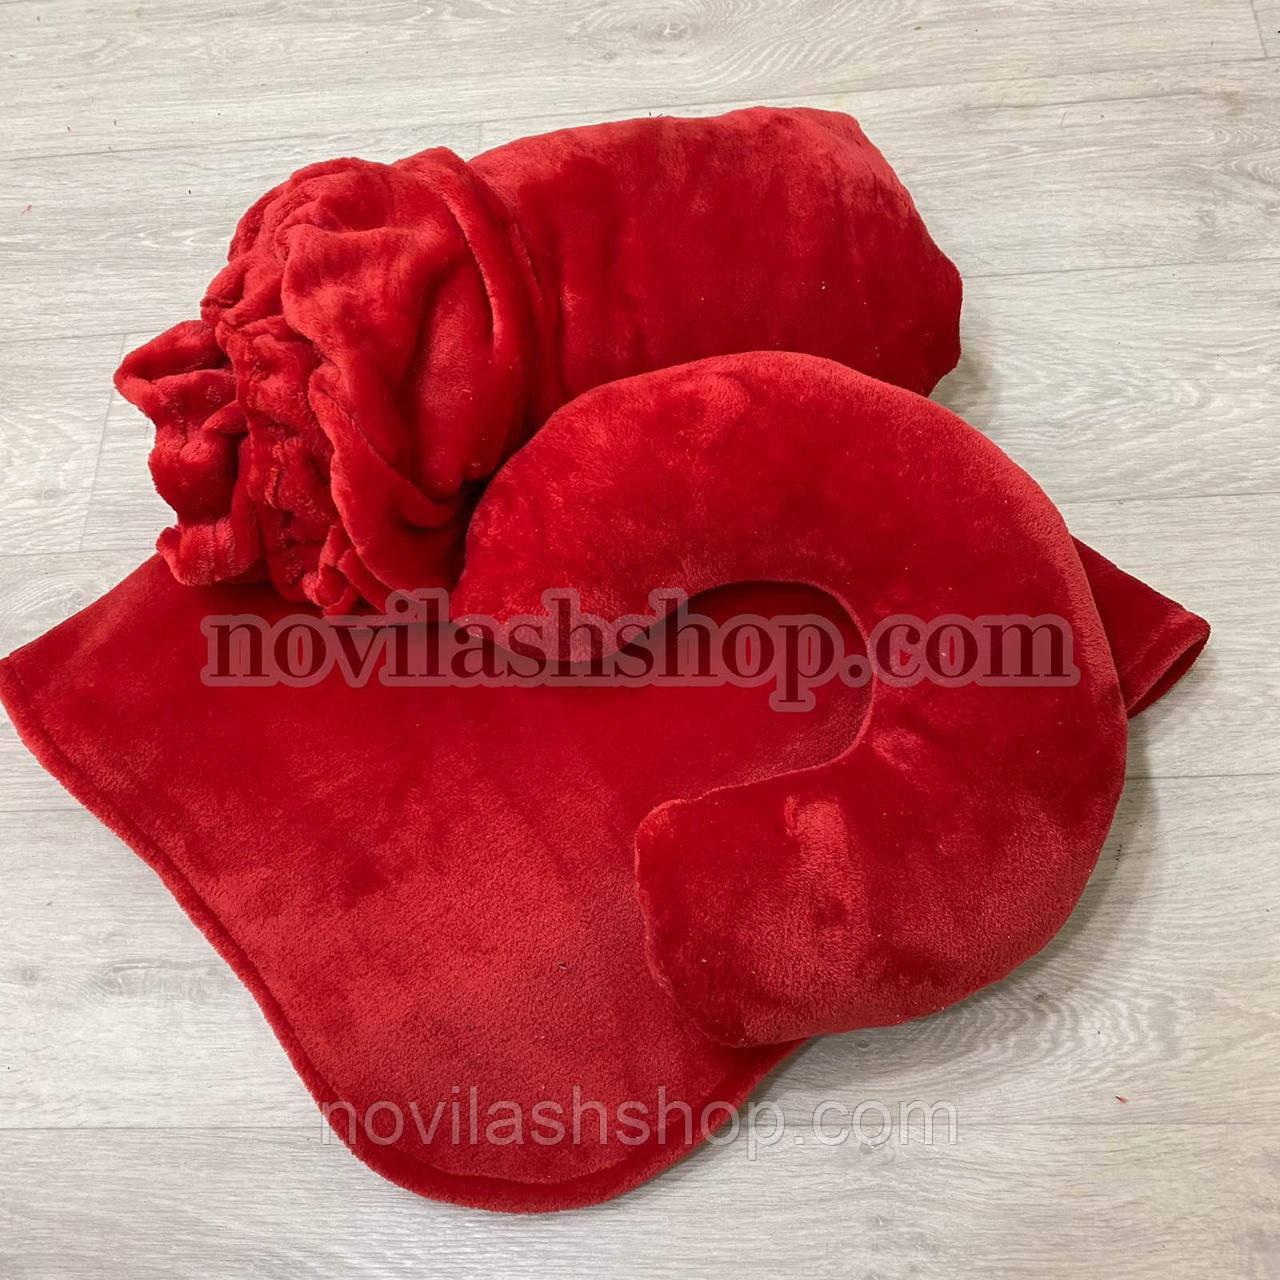 Набор 3в1: подушка, плед, чехол (махра)Цвет: алый красный